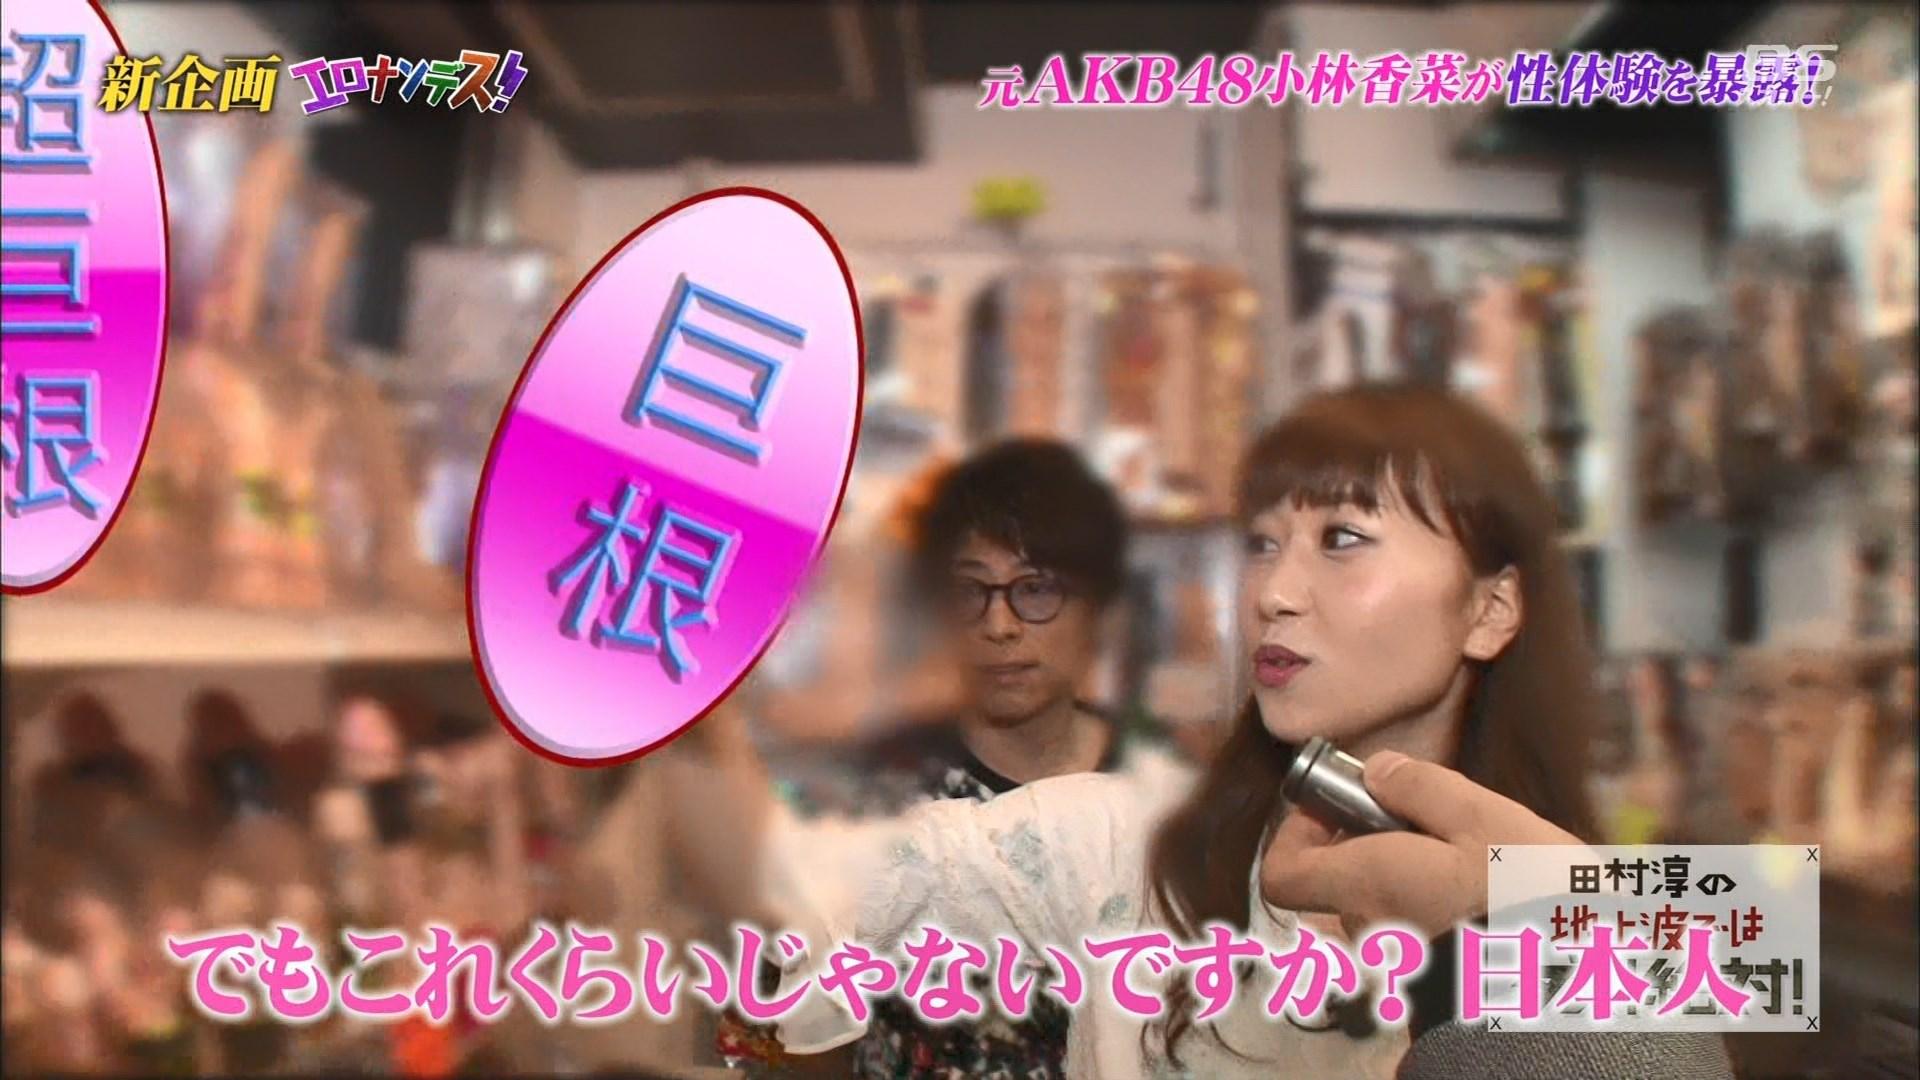 元AKB48・小林香菜さんが非生娘宣言に続き巨大チンポこにニッコリしてた田村淳の地上波ではダメ!!!絶対!!!キャプ画像